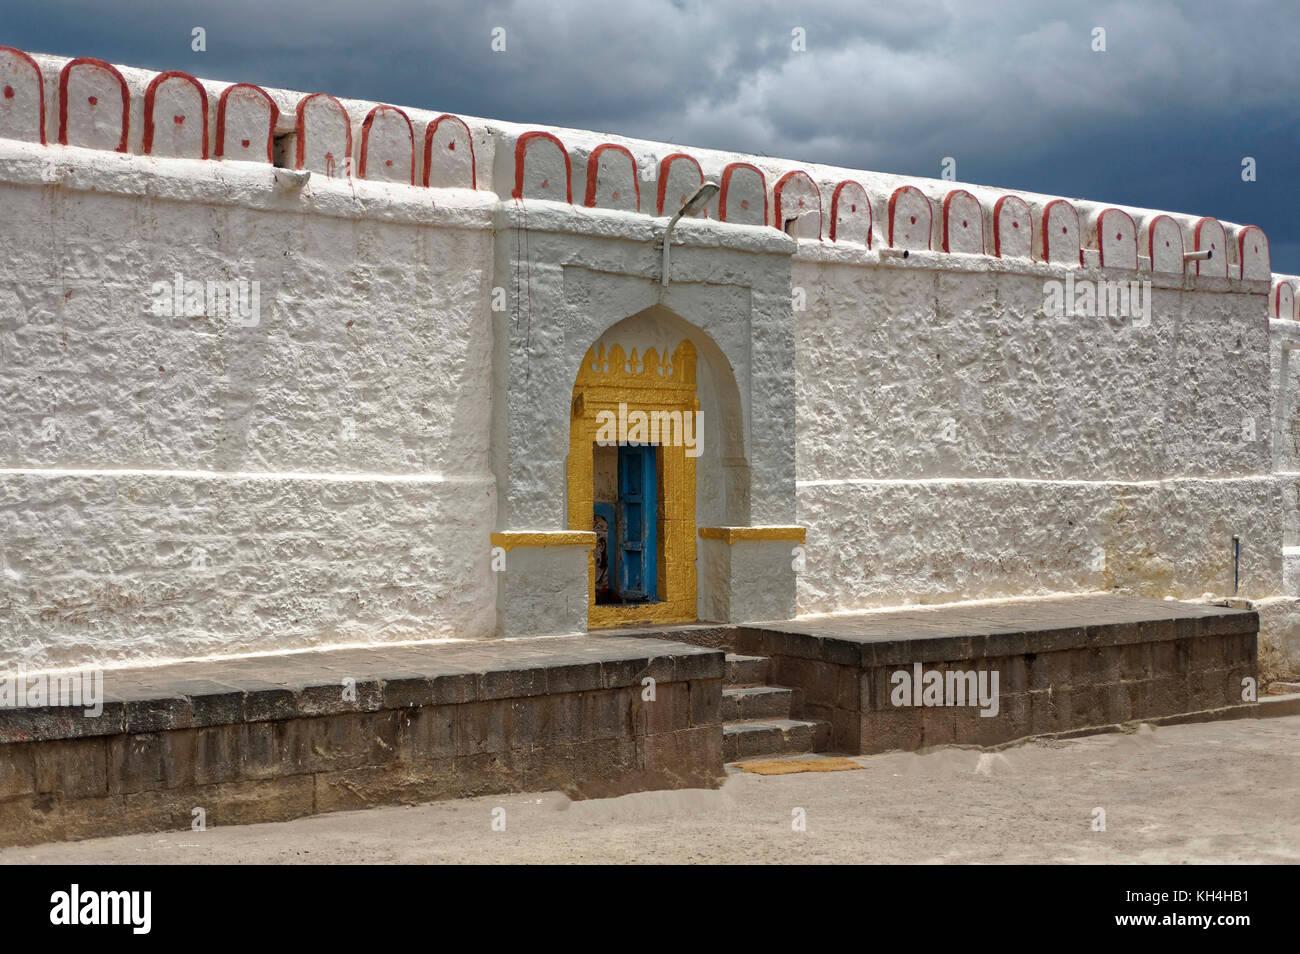 Eingang des bhramnath Mandir, Jain Ashram, kagwad, belagavi, Karnataka, Indien, Asien Stockbild